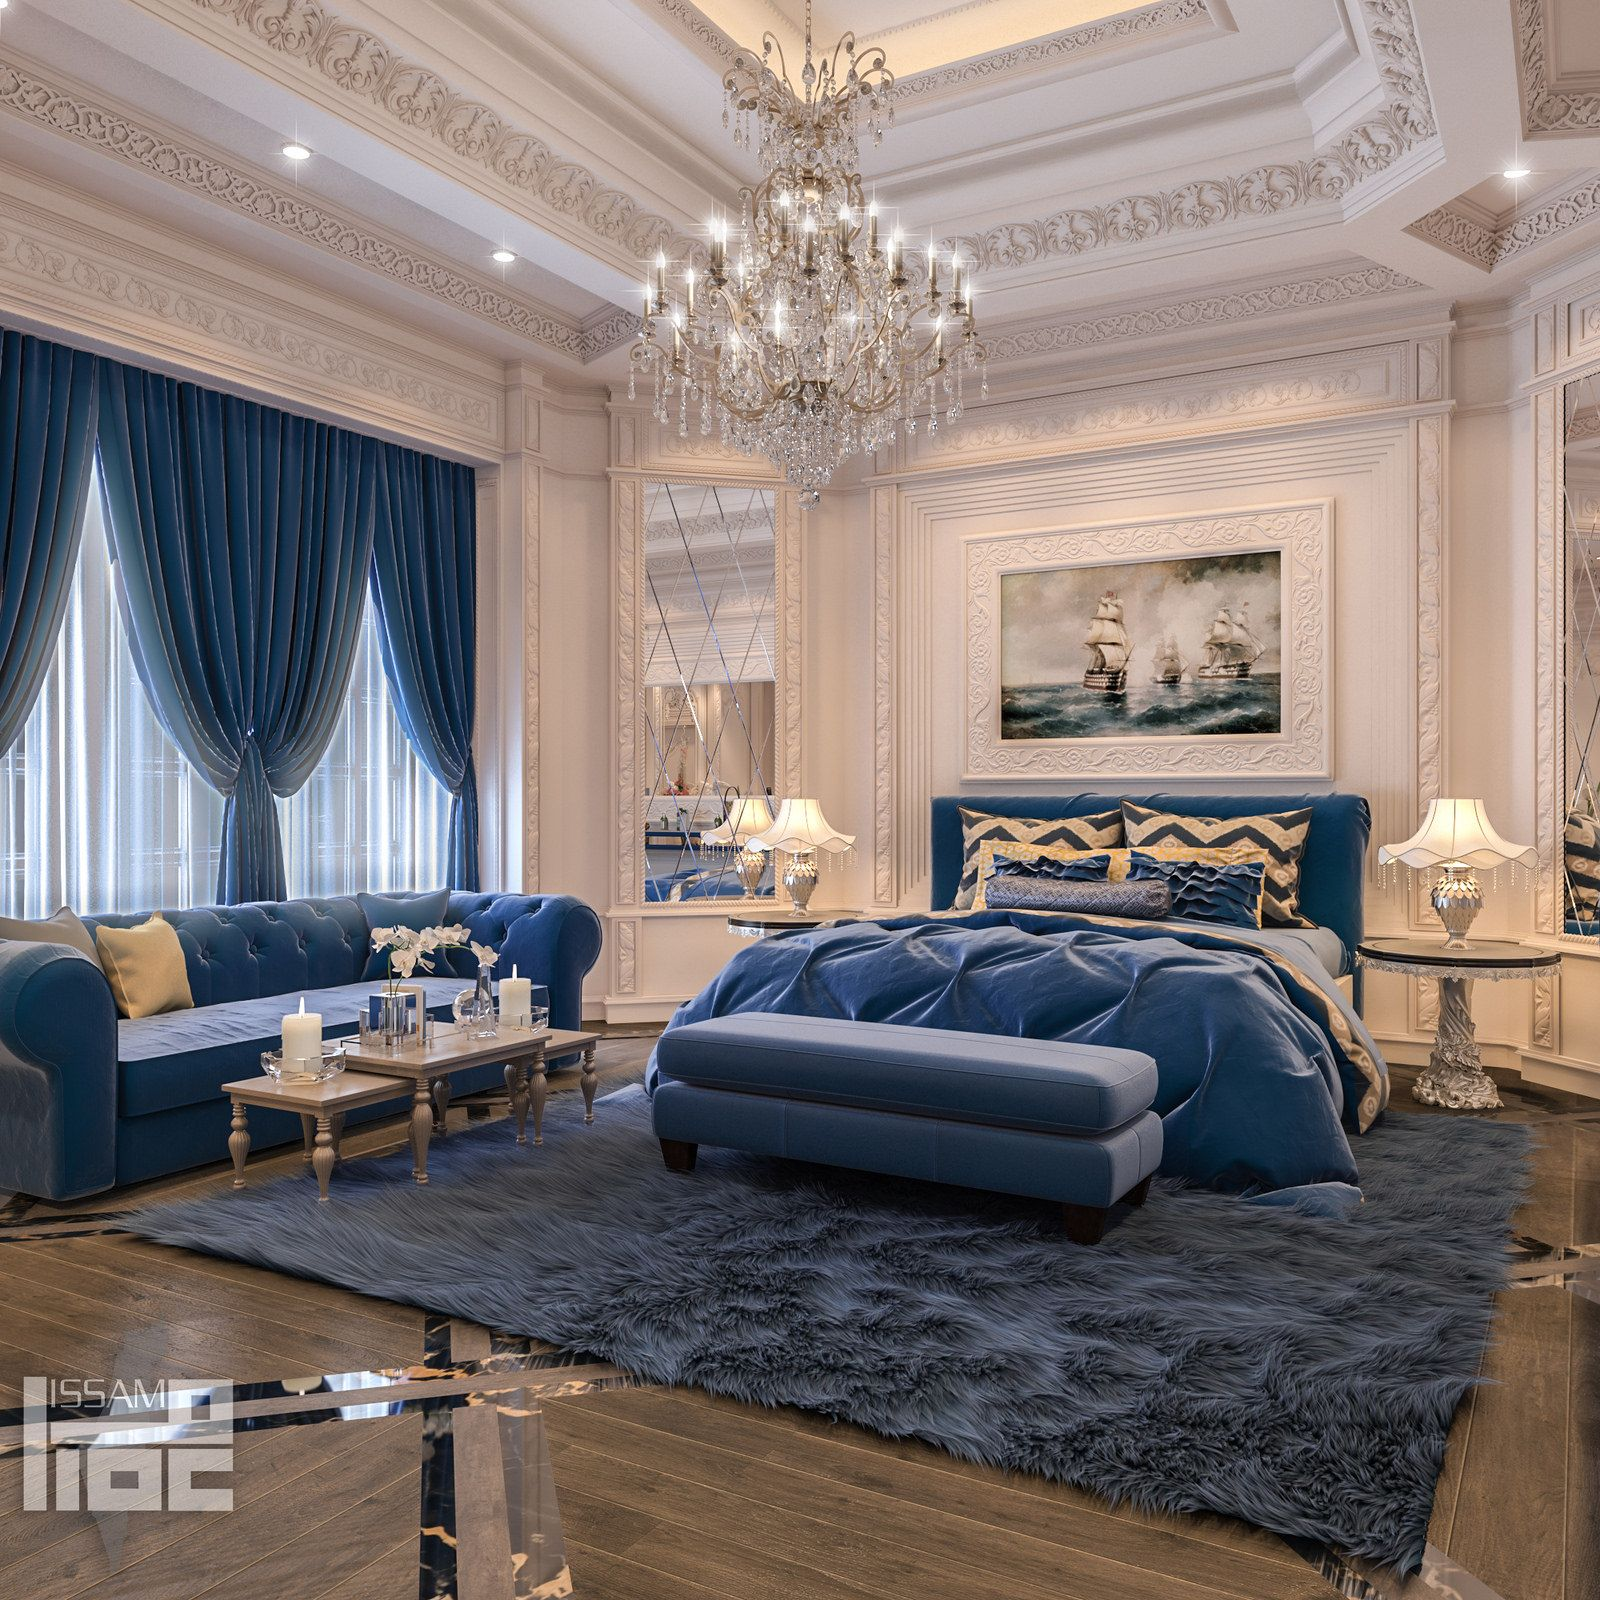 Final Luxurious Bedrooms Luxury Bedroom Master Classic Bedroom Luxury master bedroom photo